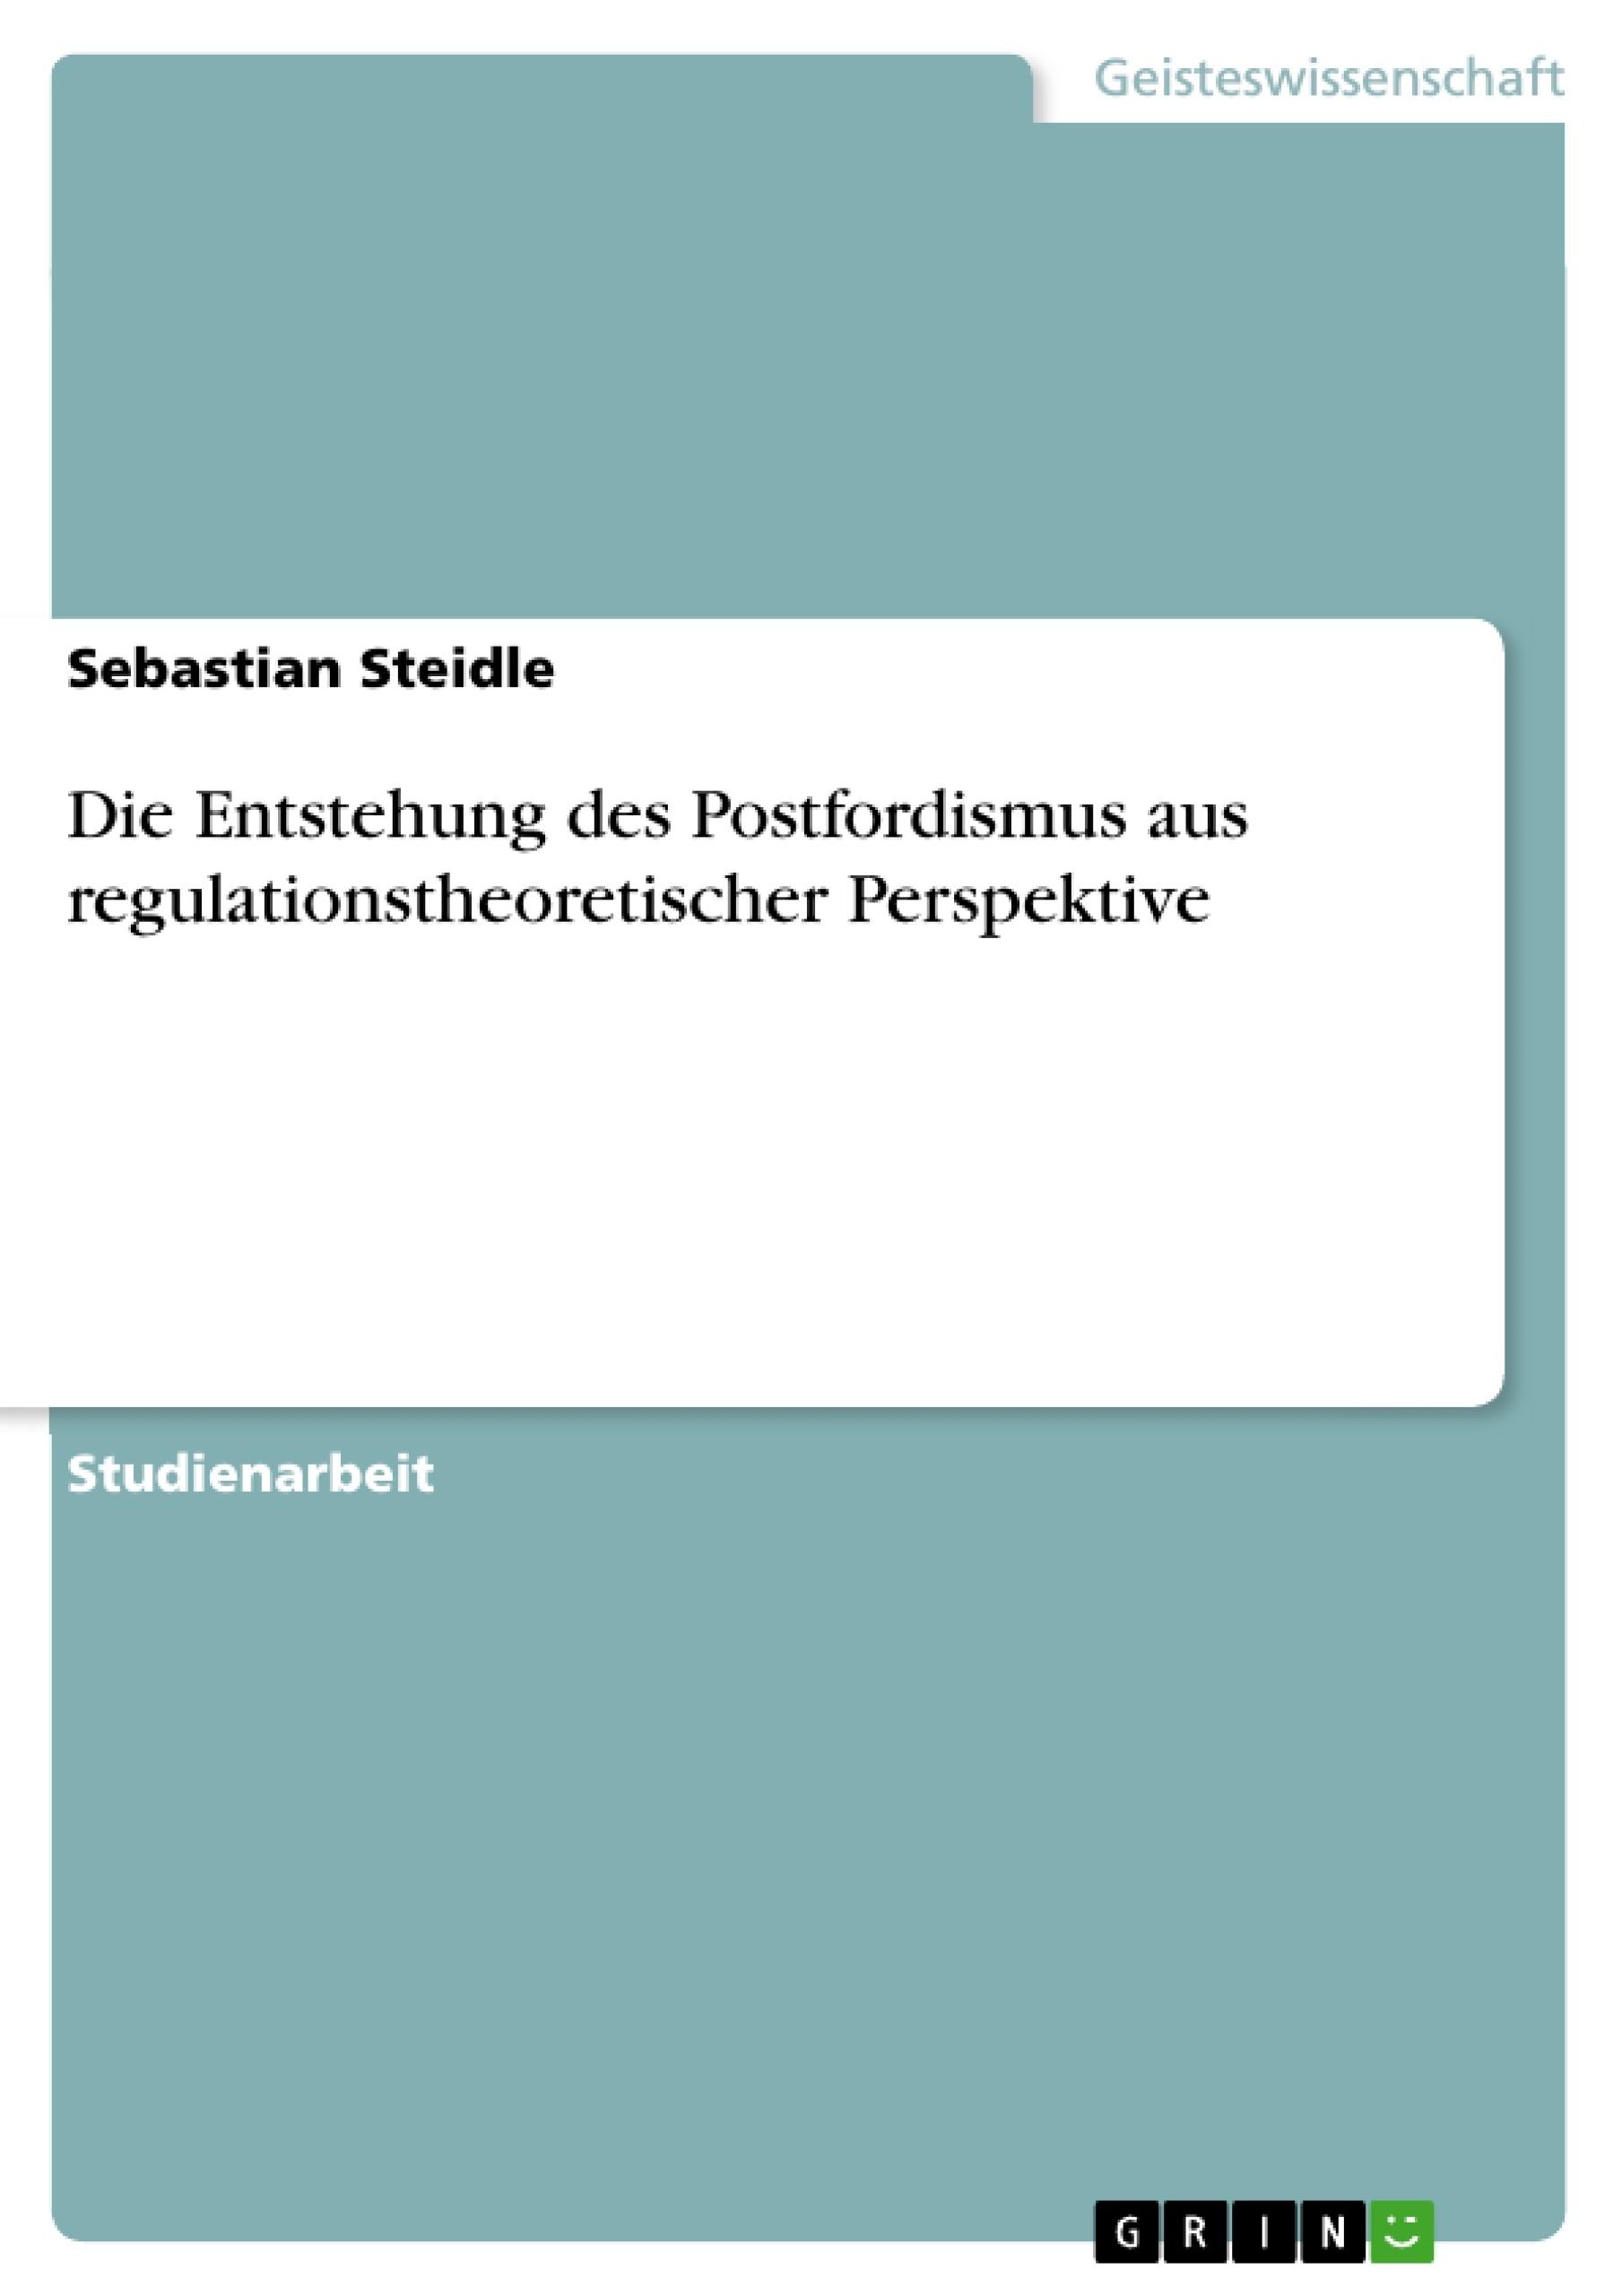 Titel: Die Entstehung des Postfordismus aus regulationstheoretischer Perspektive